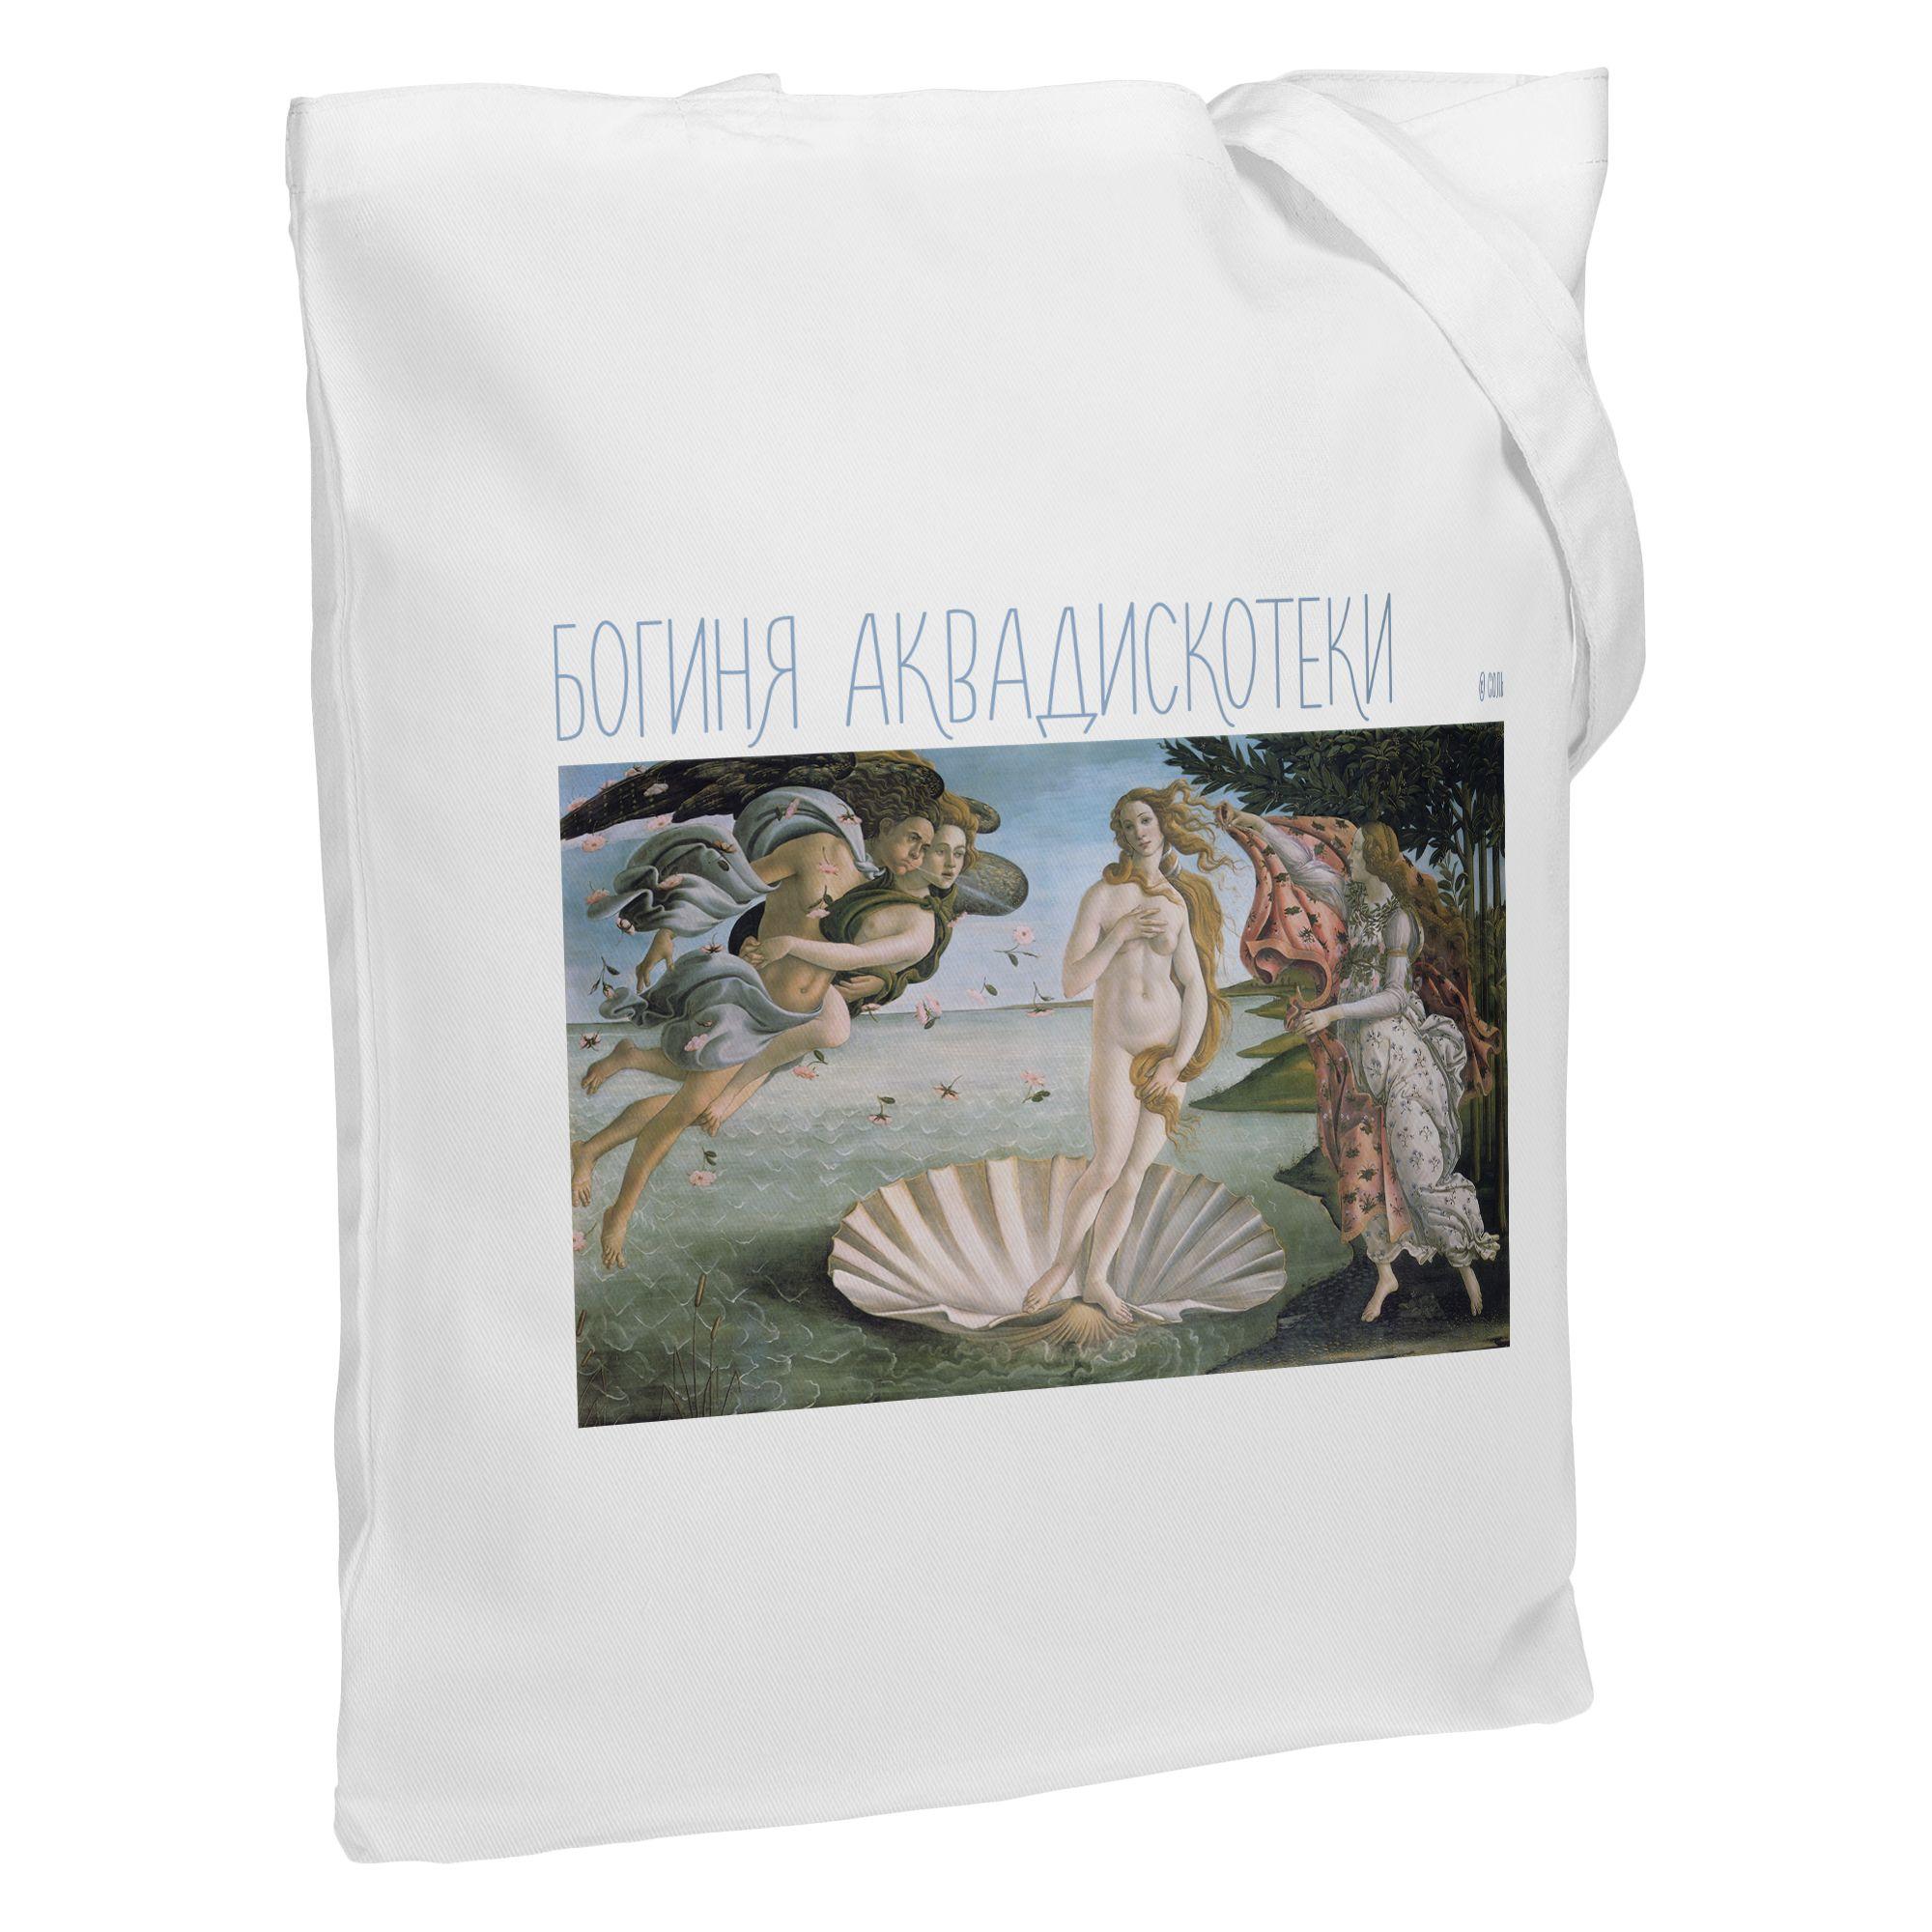 Холщовая сумка «Богиня аквадискотеки», белая